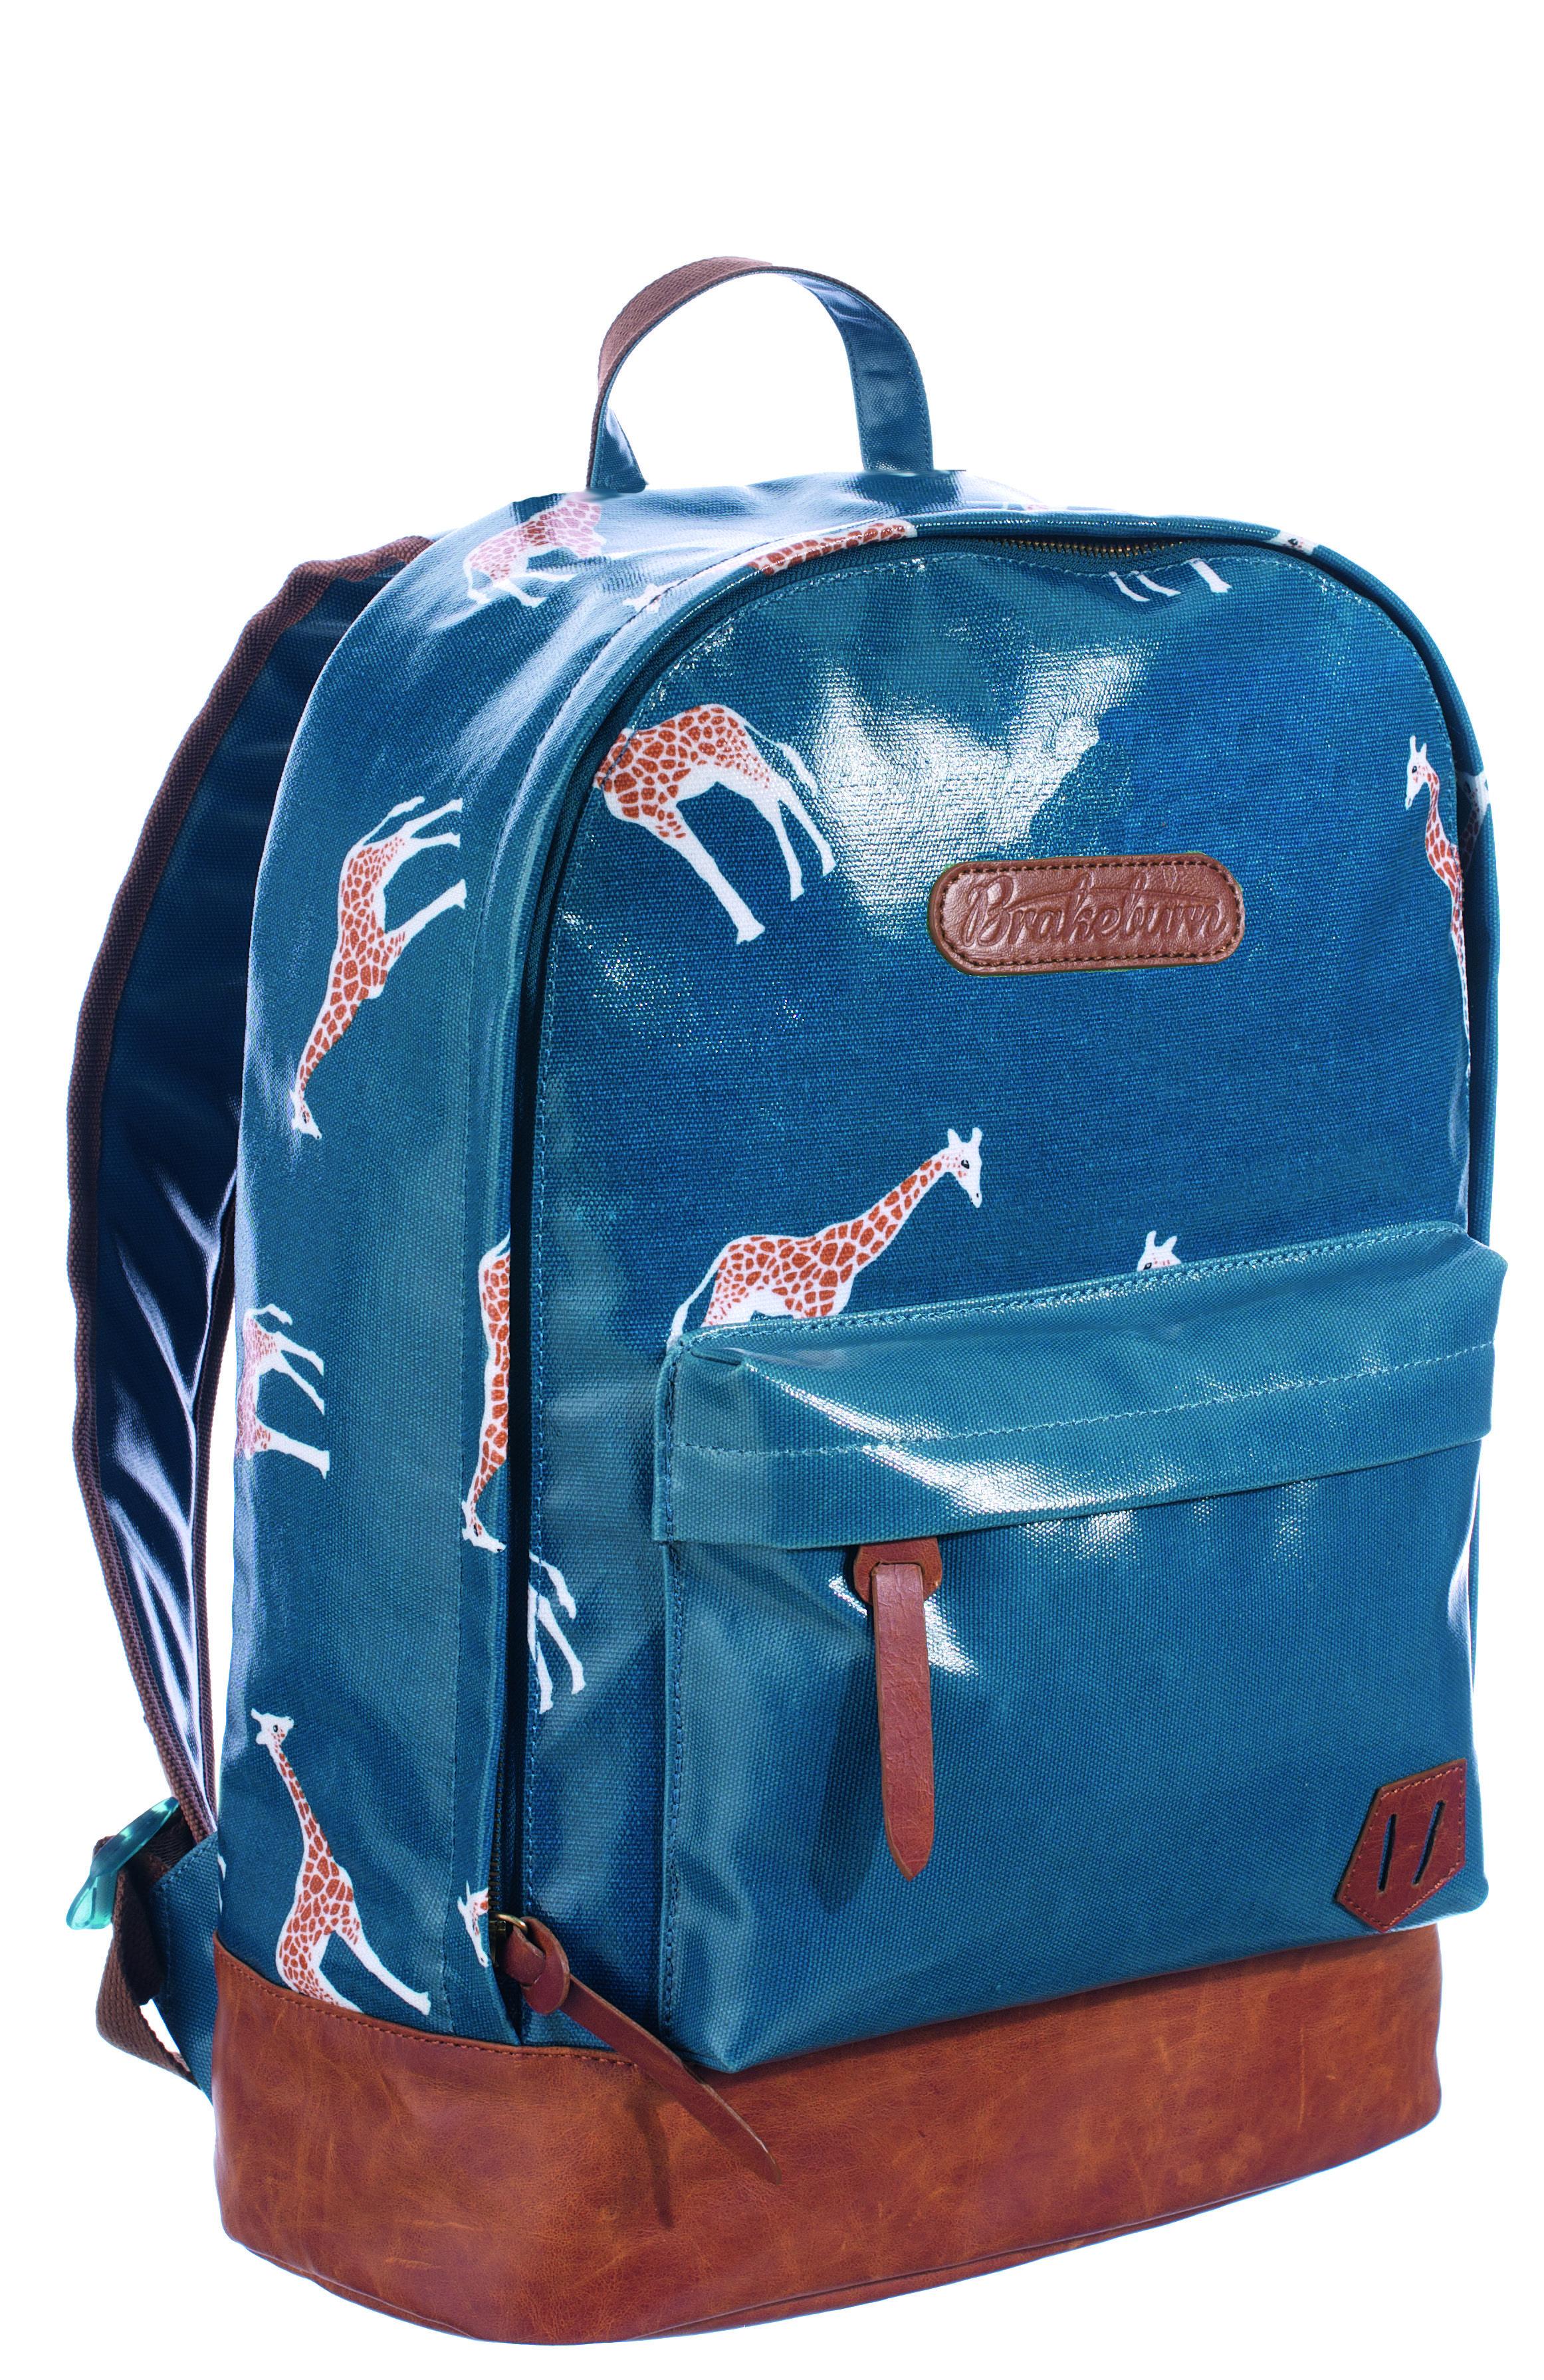 Ladies Giraffe Back Pack Teal Womens tote bags, Bags